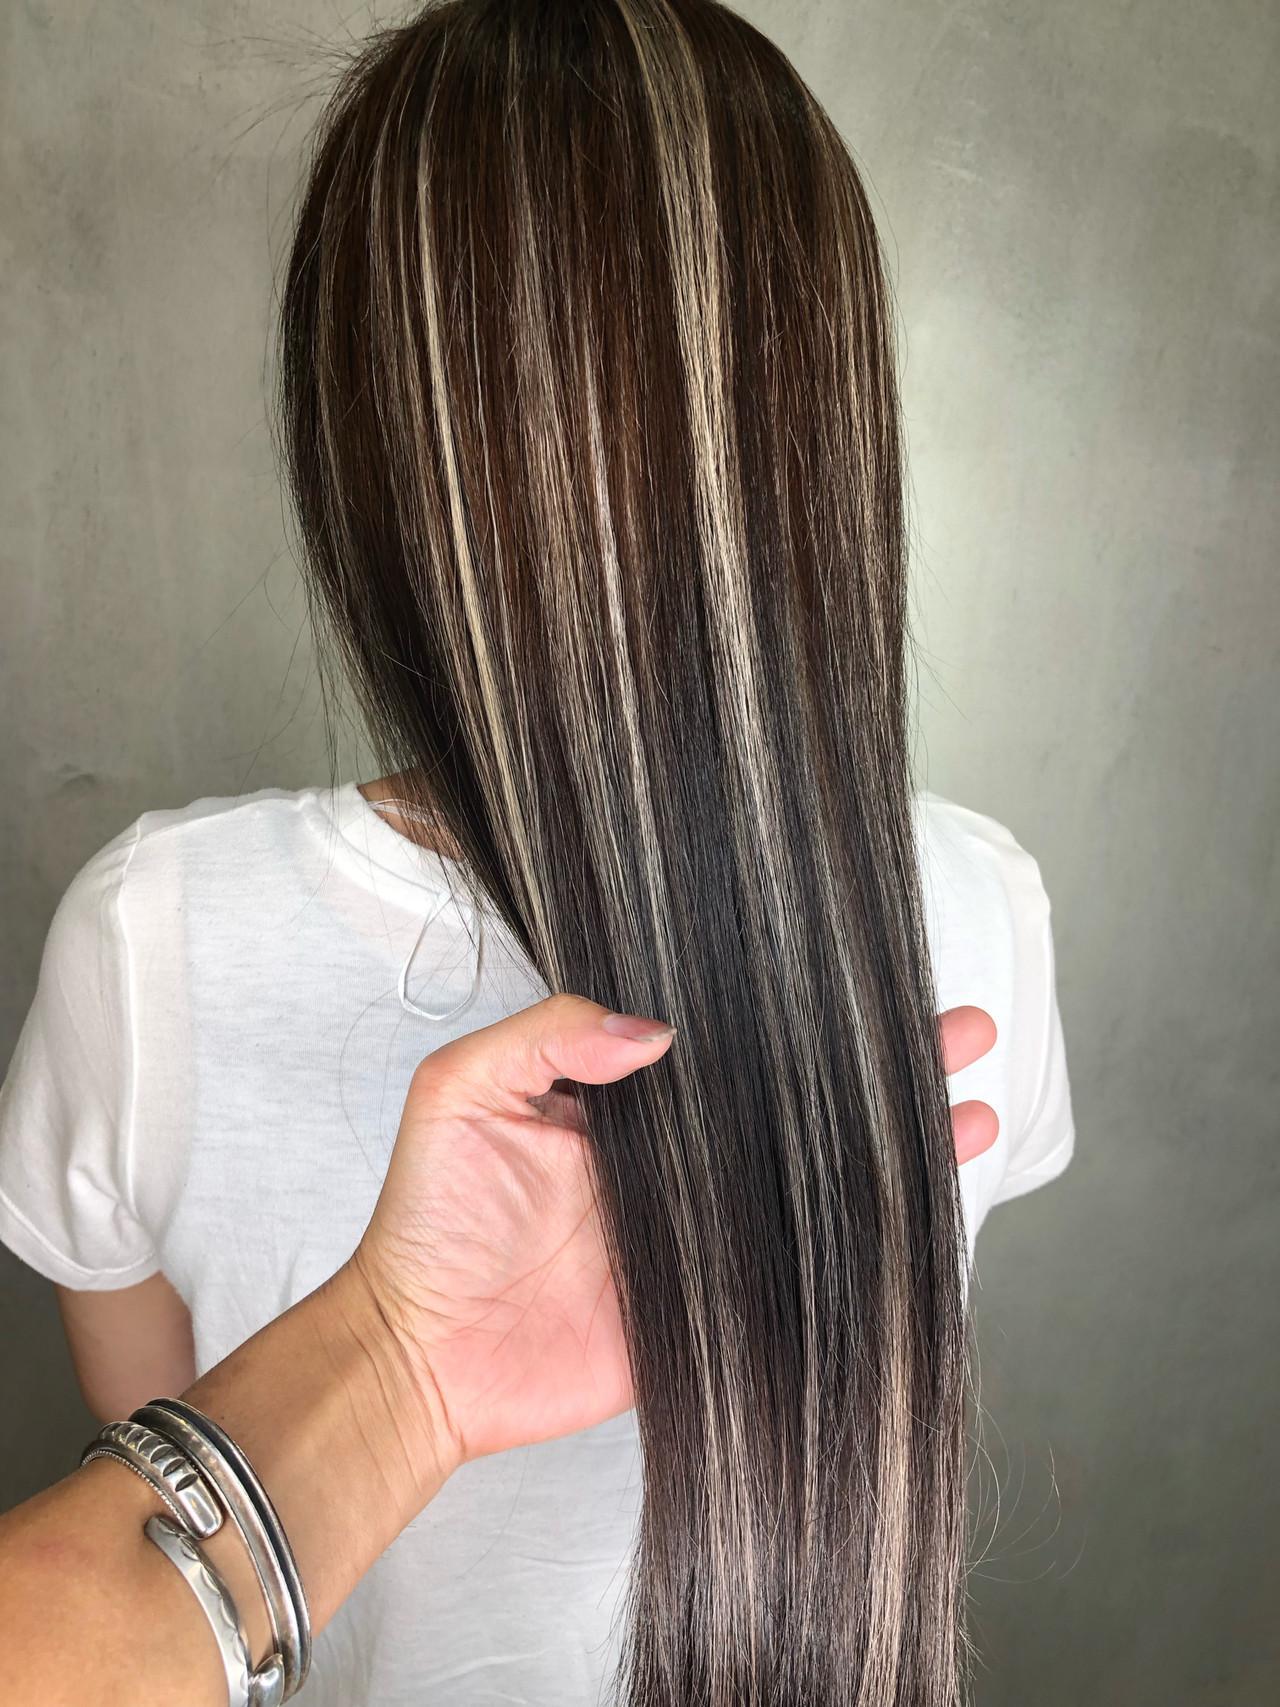 カジュアルファッションに合わせたいおしゃれな黒髪のハイライトカラー 筒井 隆由Hair salon mode